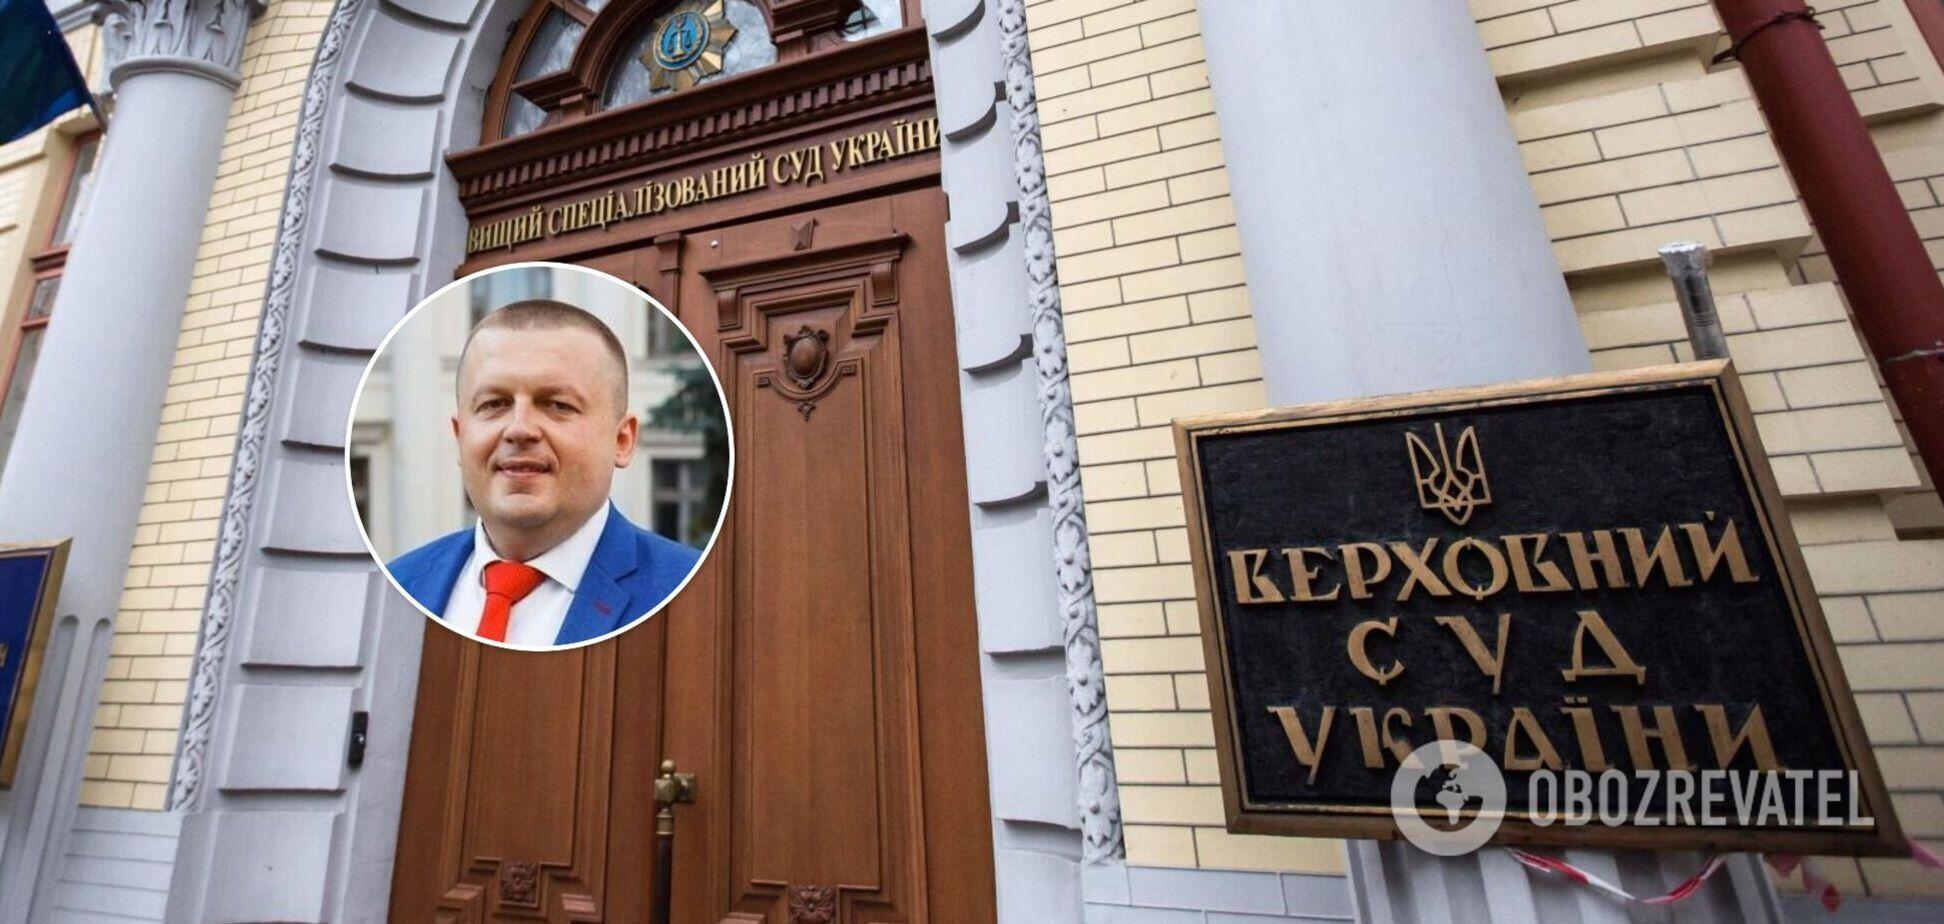 Юрист из Харькова Роман Лихачев обжаловал указ Зеленского